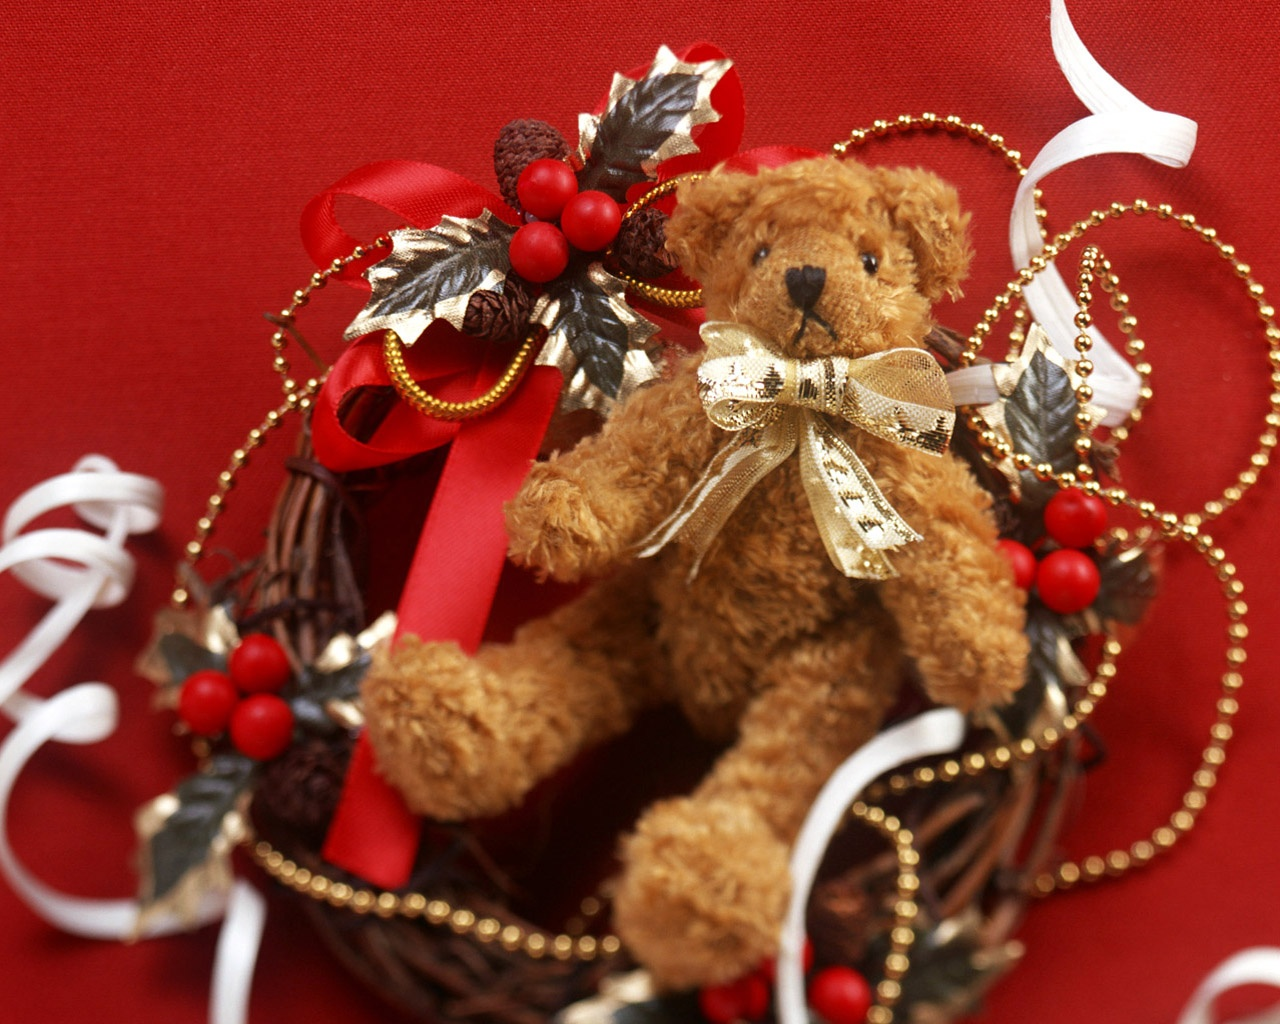 http://4.bp.blogspot.com/-J7mZ5RajiH4/UCqLzNEfJlI/AAAAAAAAK2U/xIv0dOeQykw/s1600/teddy_bear_wallpapers+(8).jpg